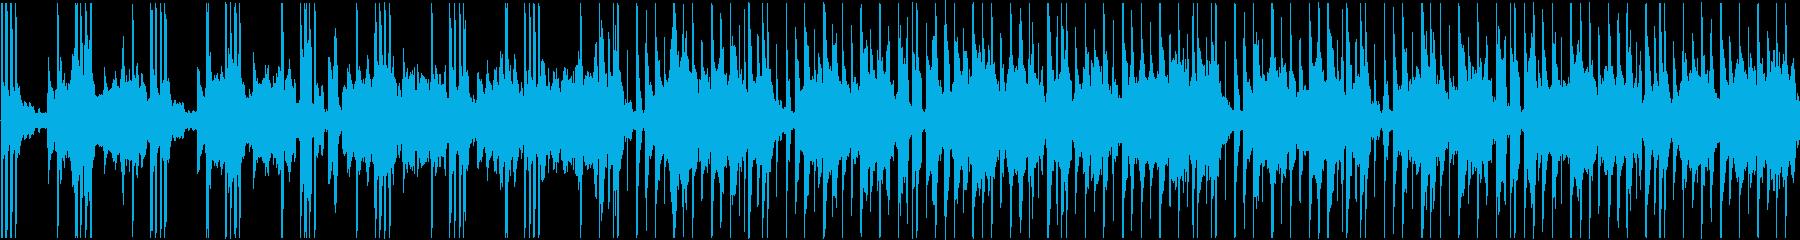 穏やかなテクノですの再生済みの波形